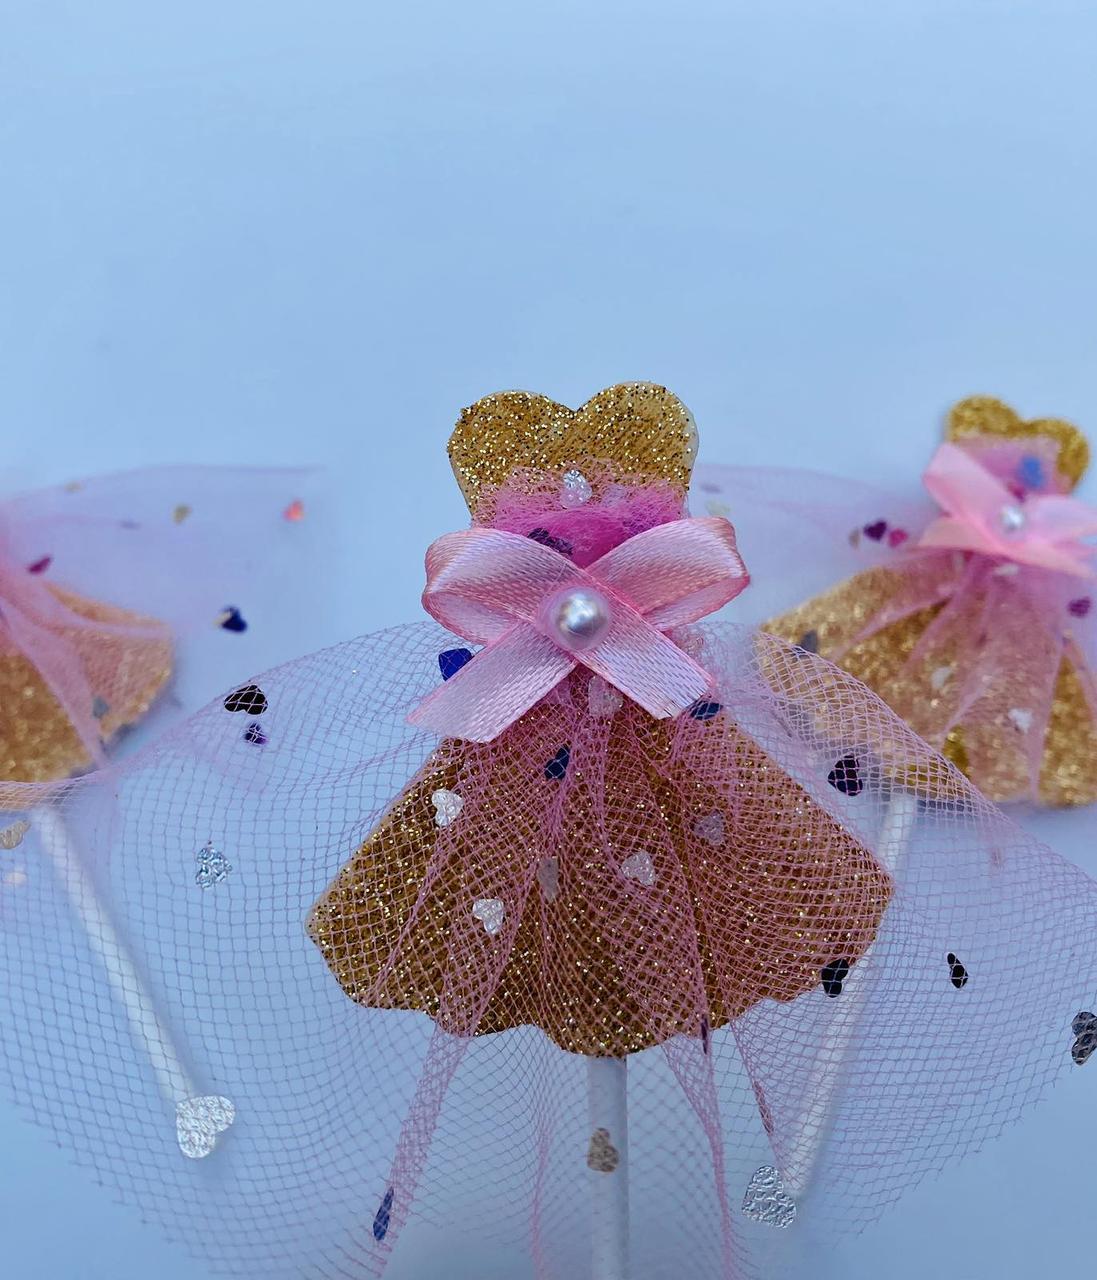 Топпер для кап-кейка платье девочки с фатиновой тканью | Топпер для девочек | Топпер для кап-кейков